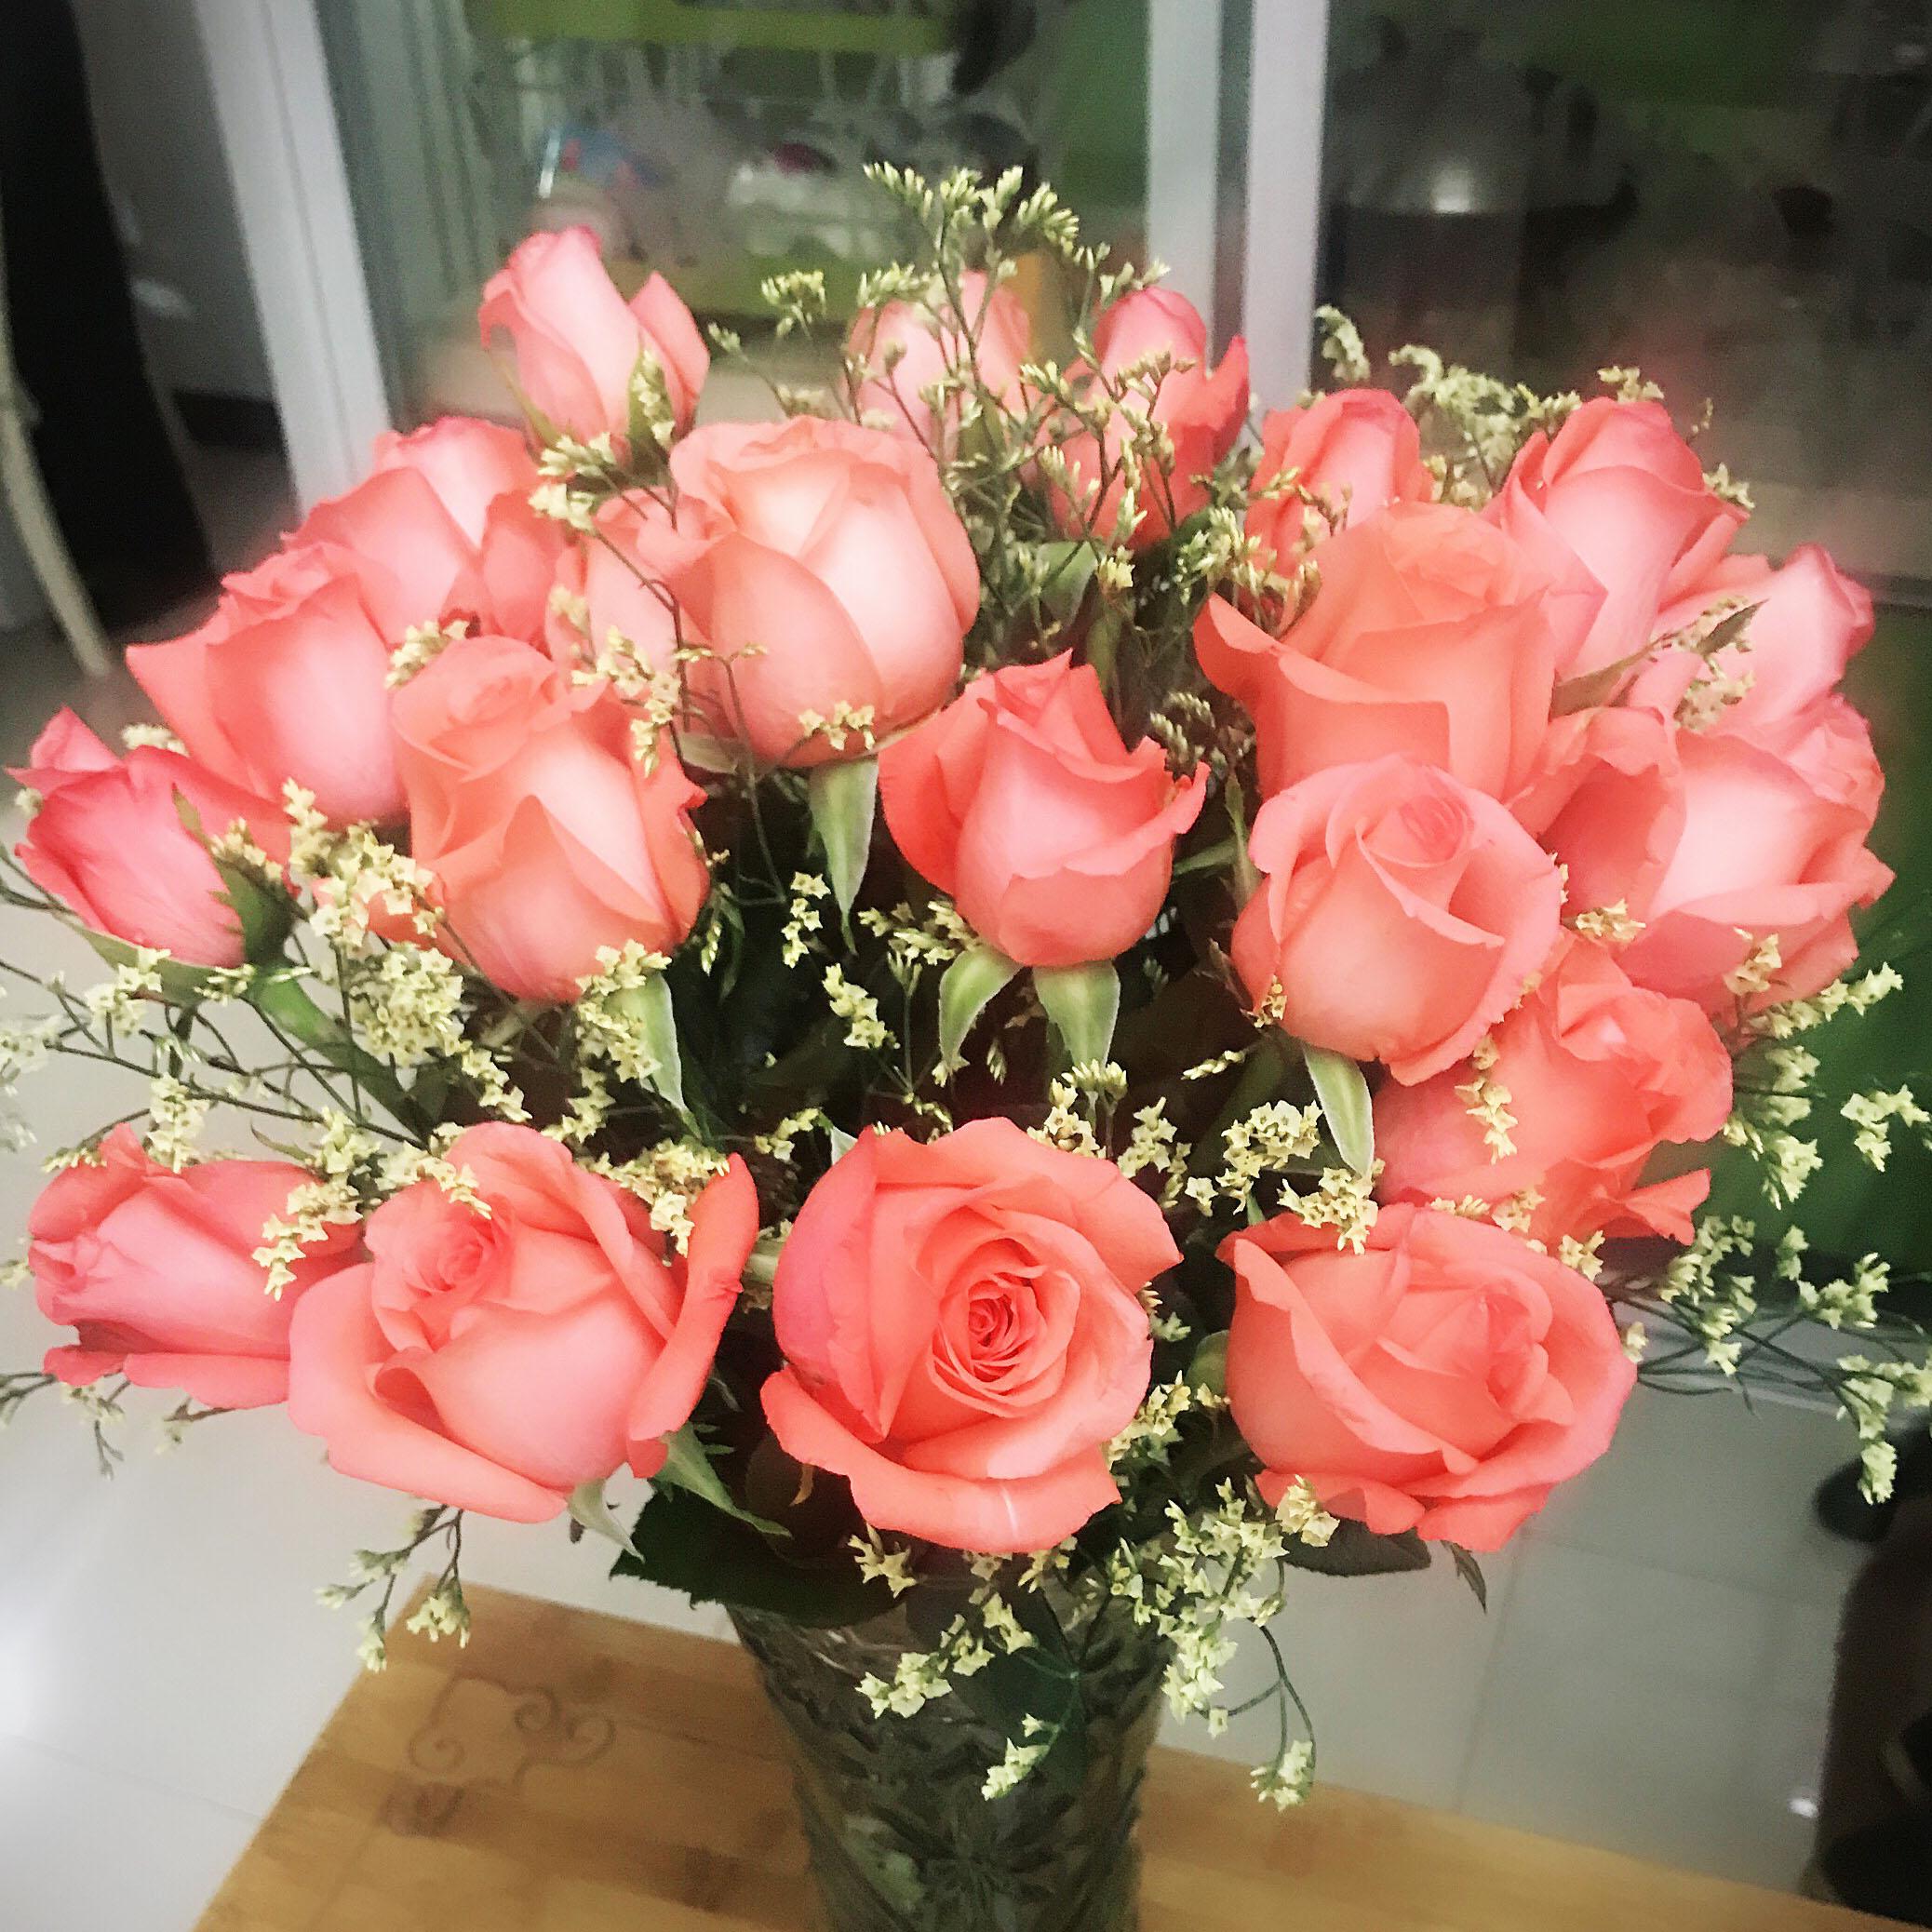 云南鲜花直发新鲜红玫瑰花束多色